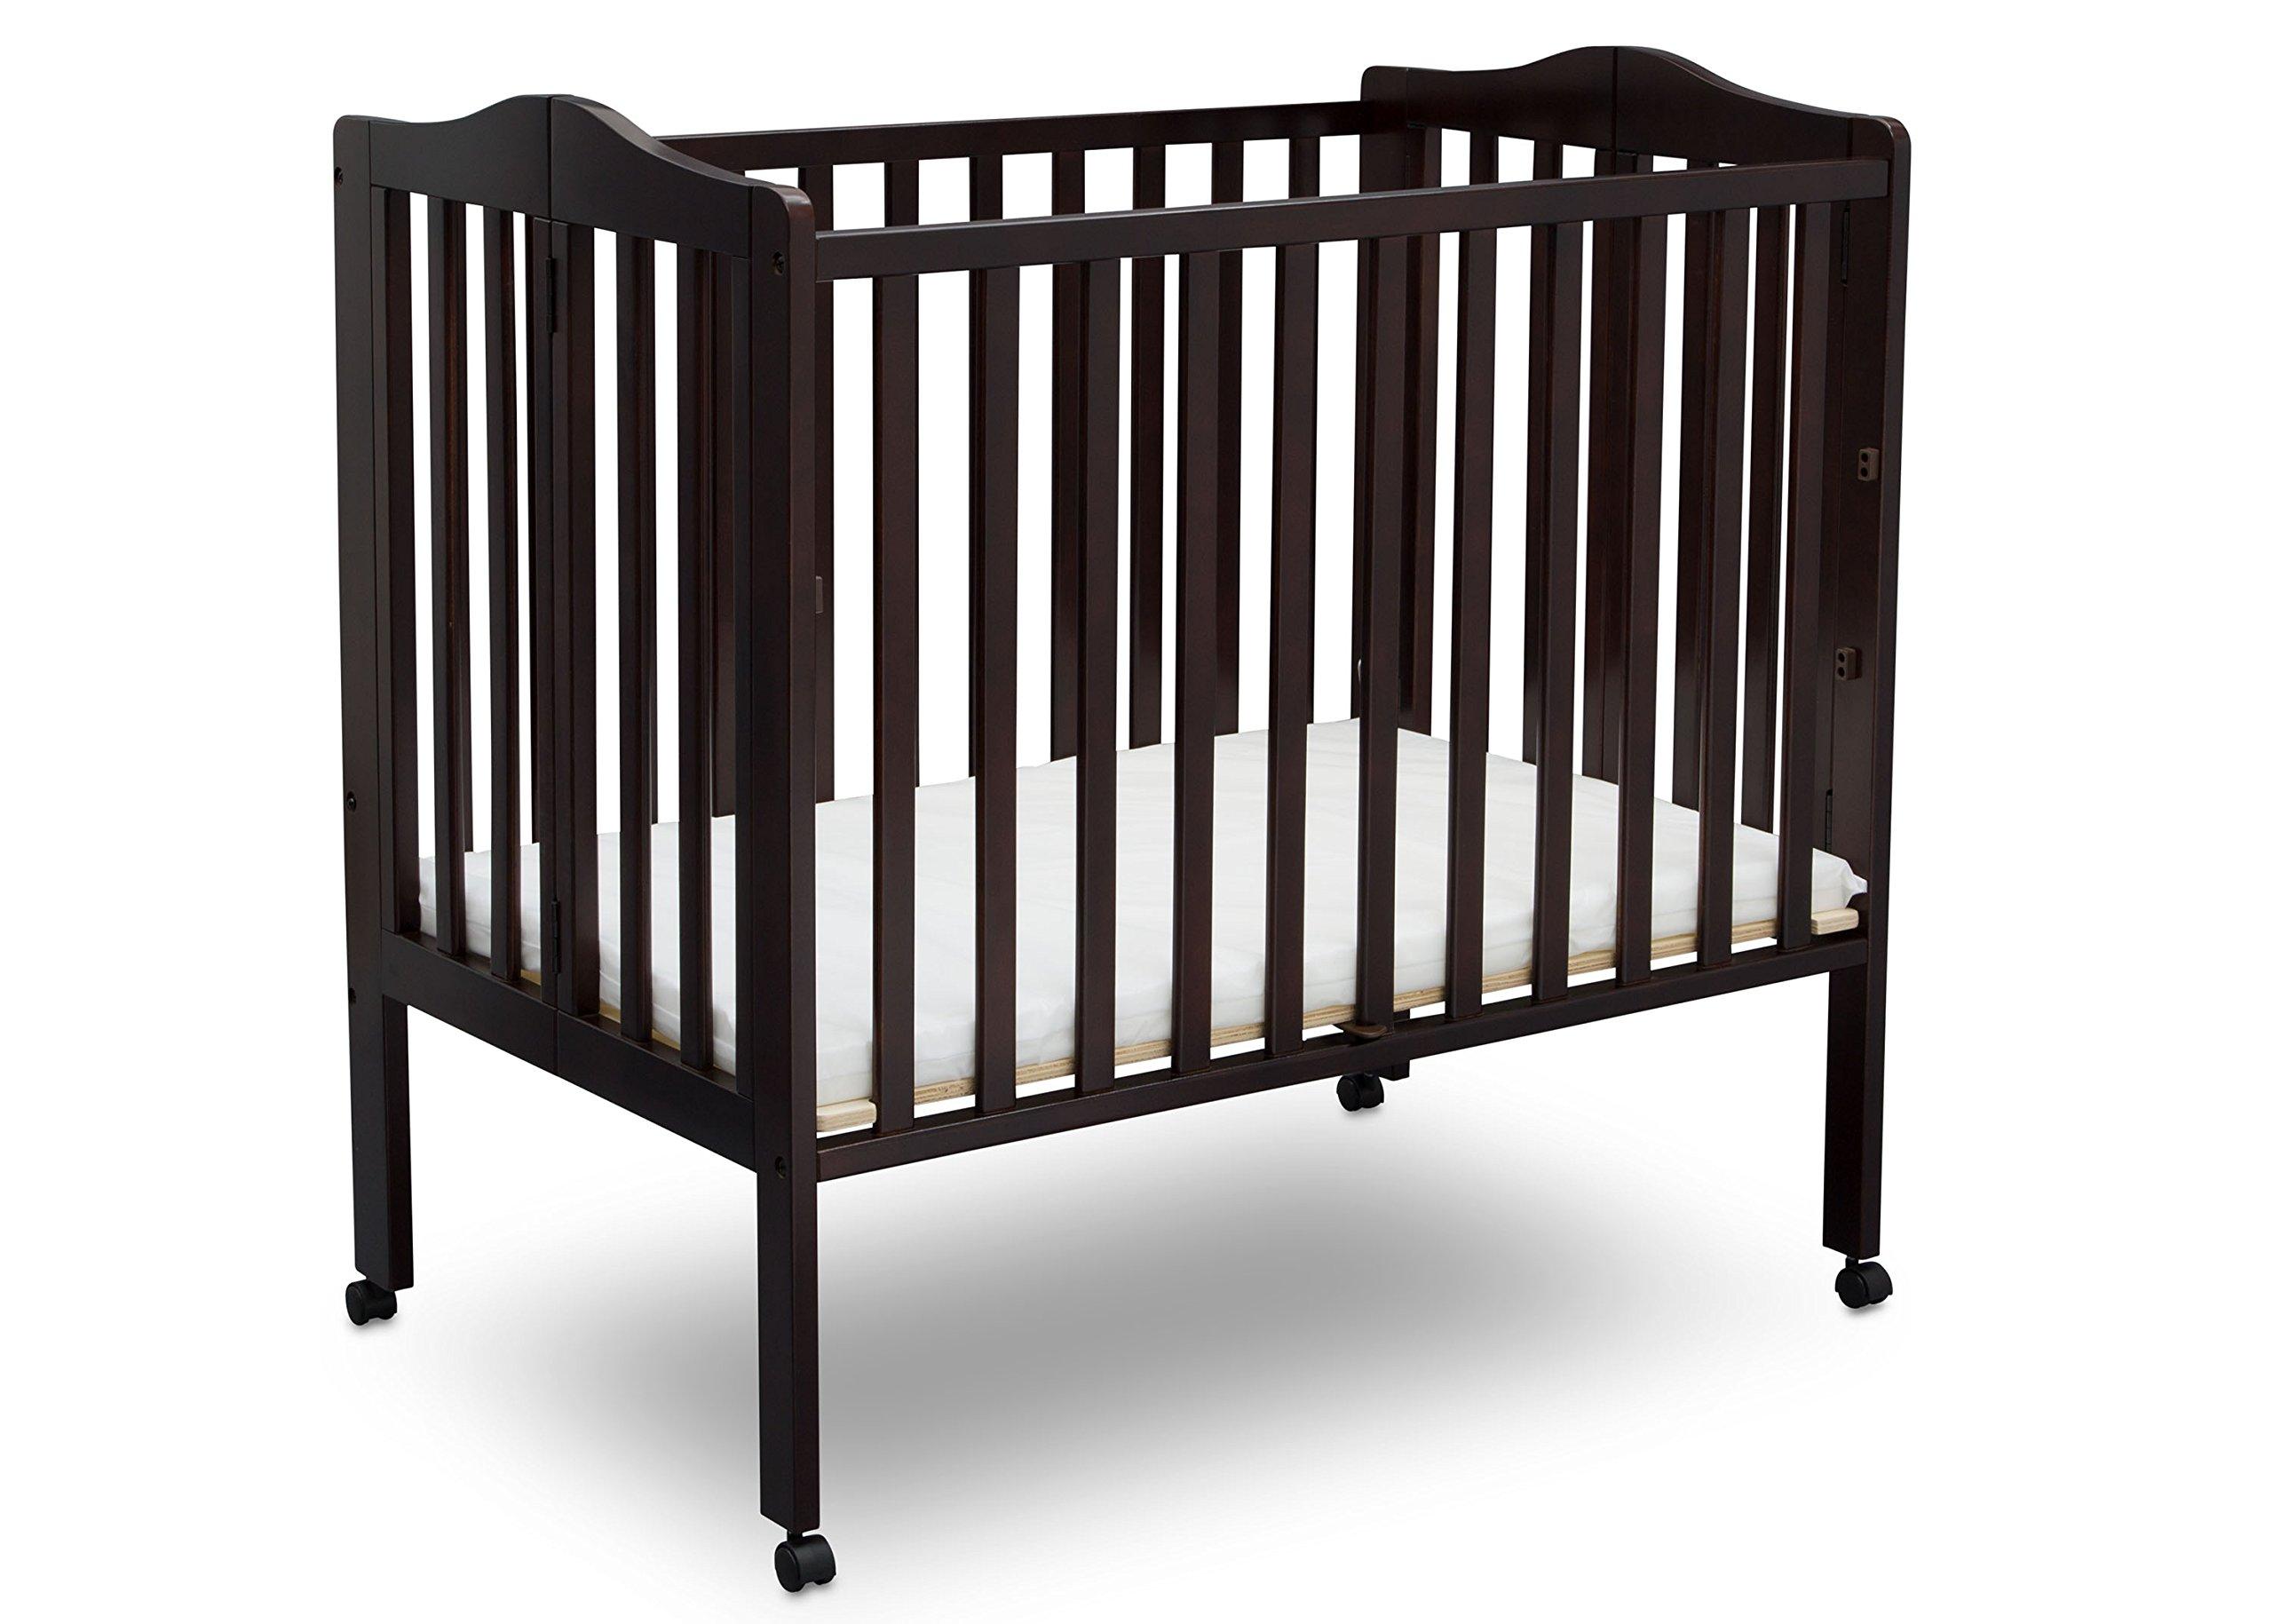 Delta Children Folding Portable Mini Baby Crib with Mattress, Dark Chocolate by Delta Children